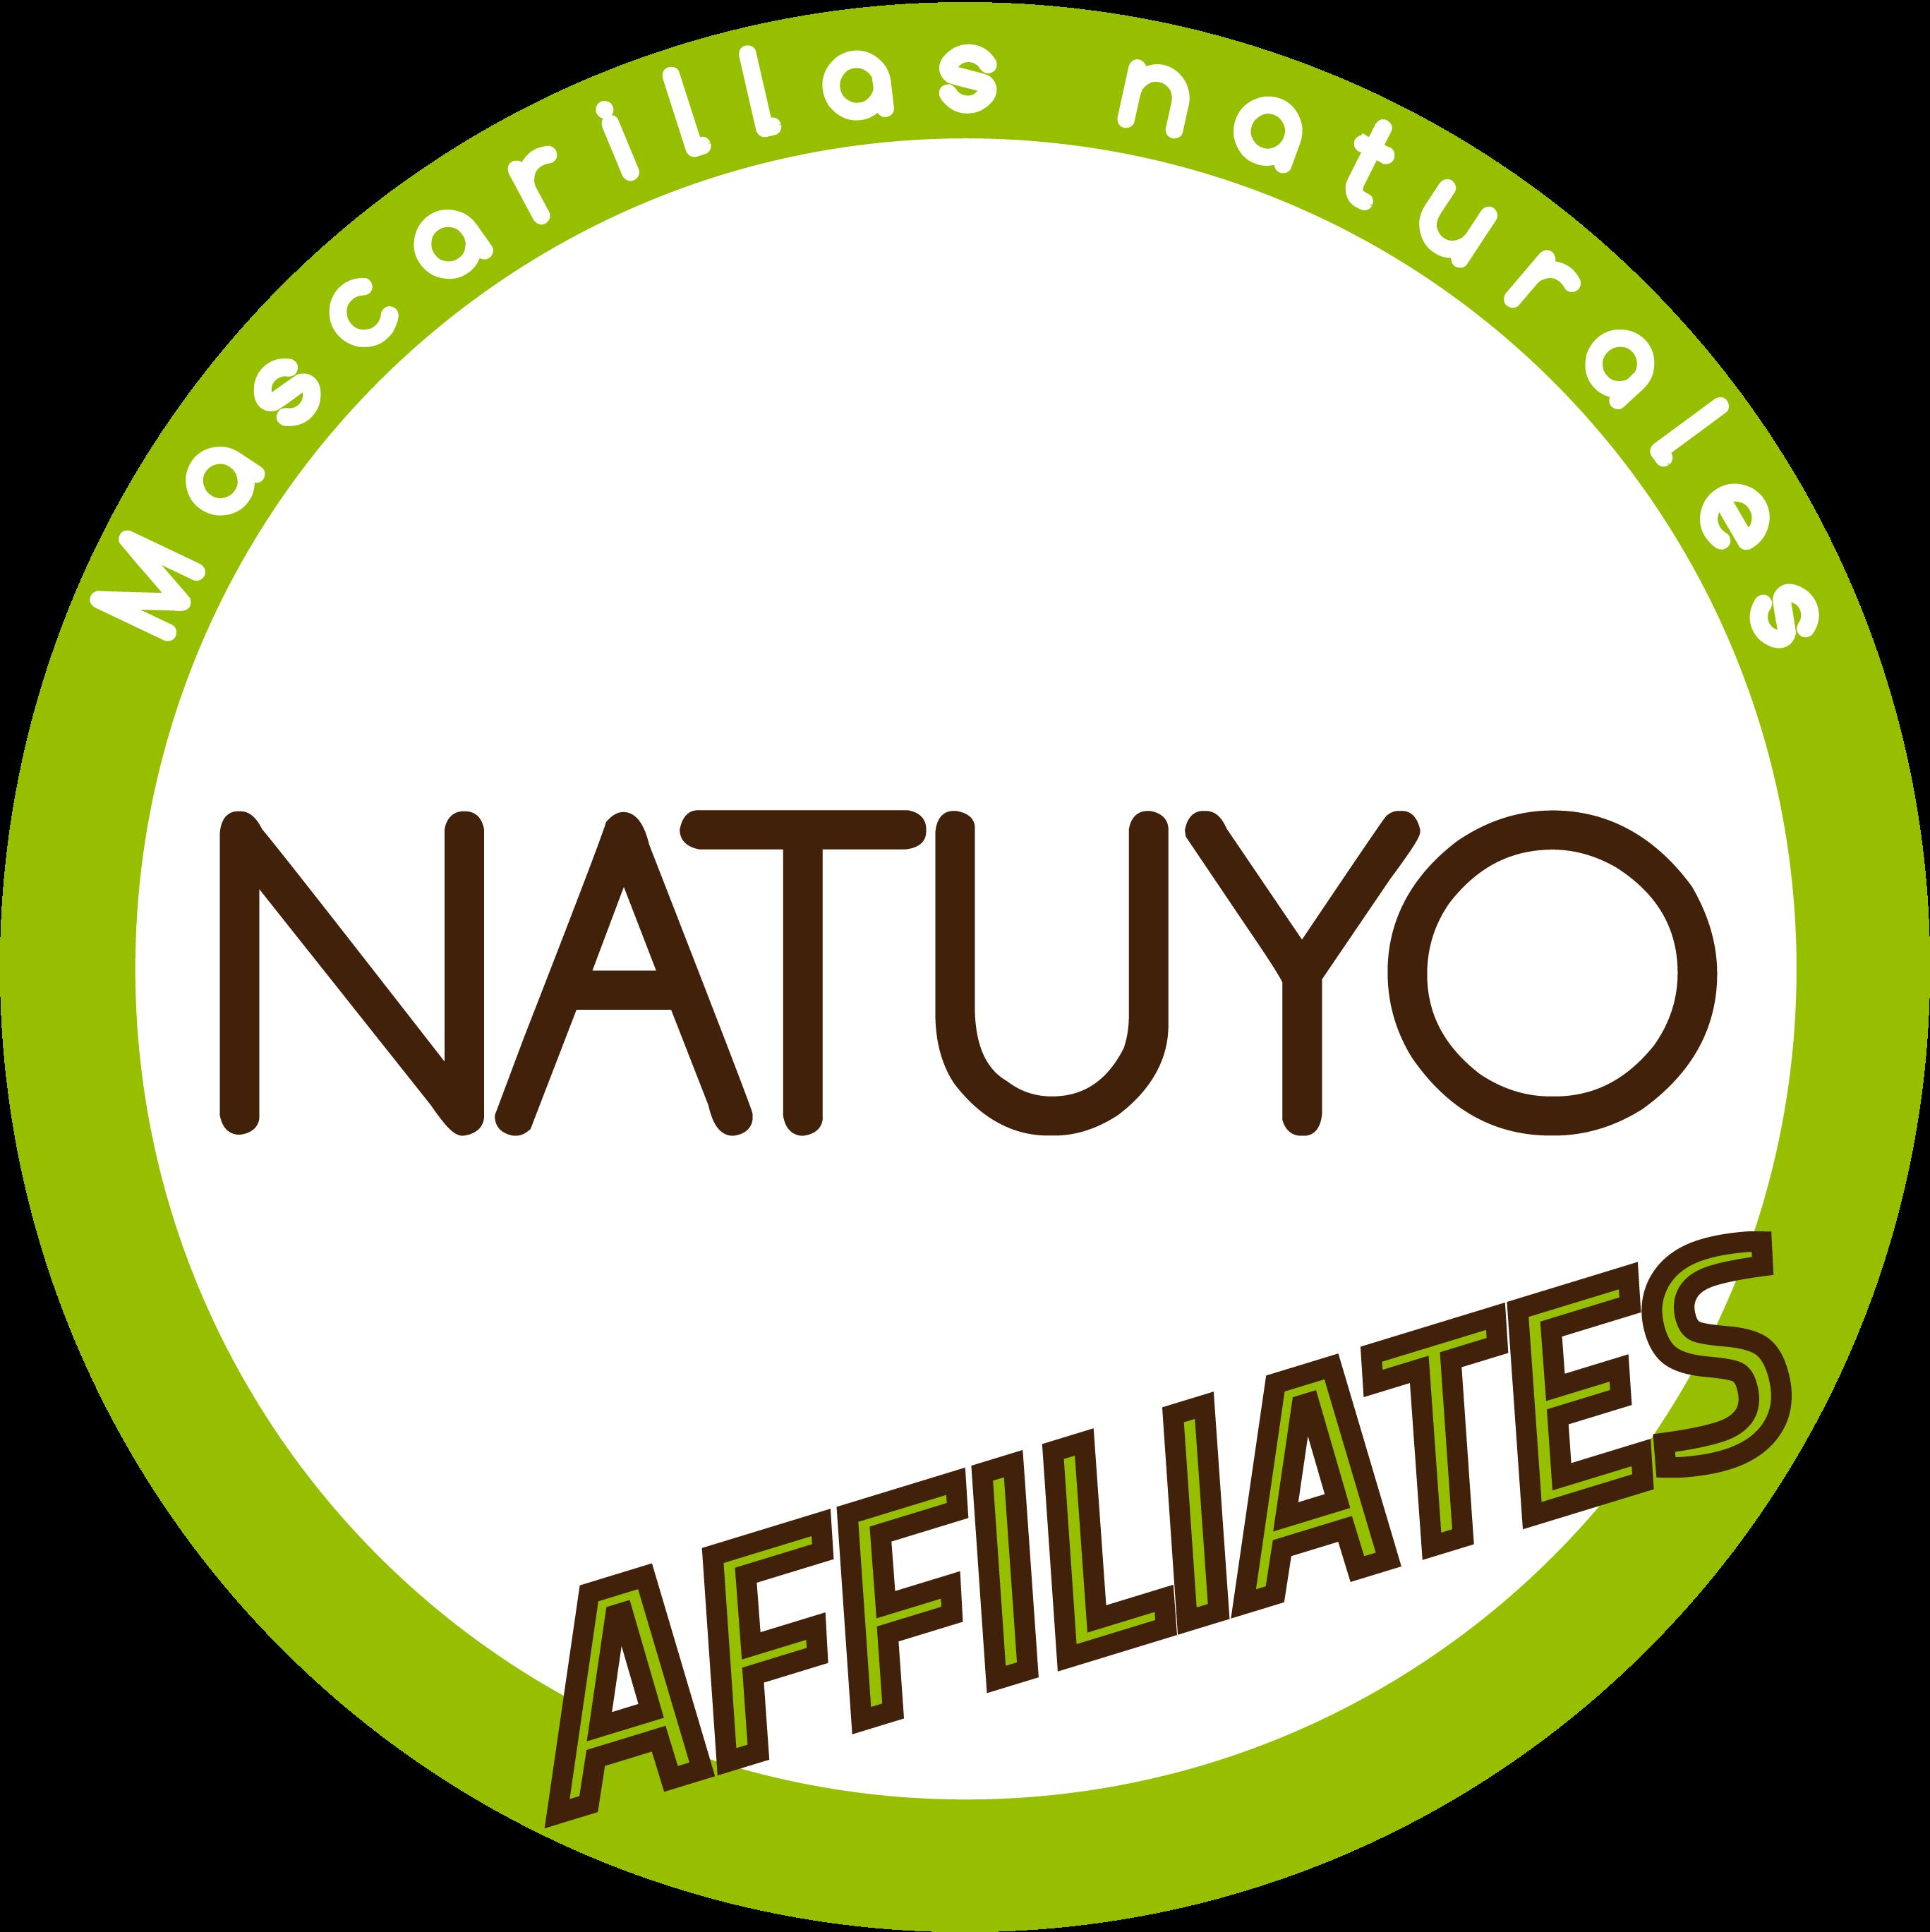 Logo del programa de afiliados de mascarillas NATUYO